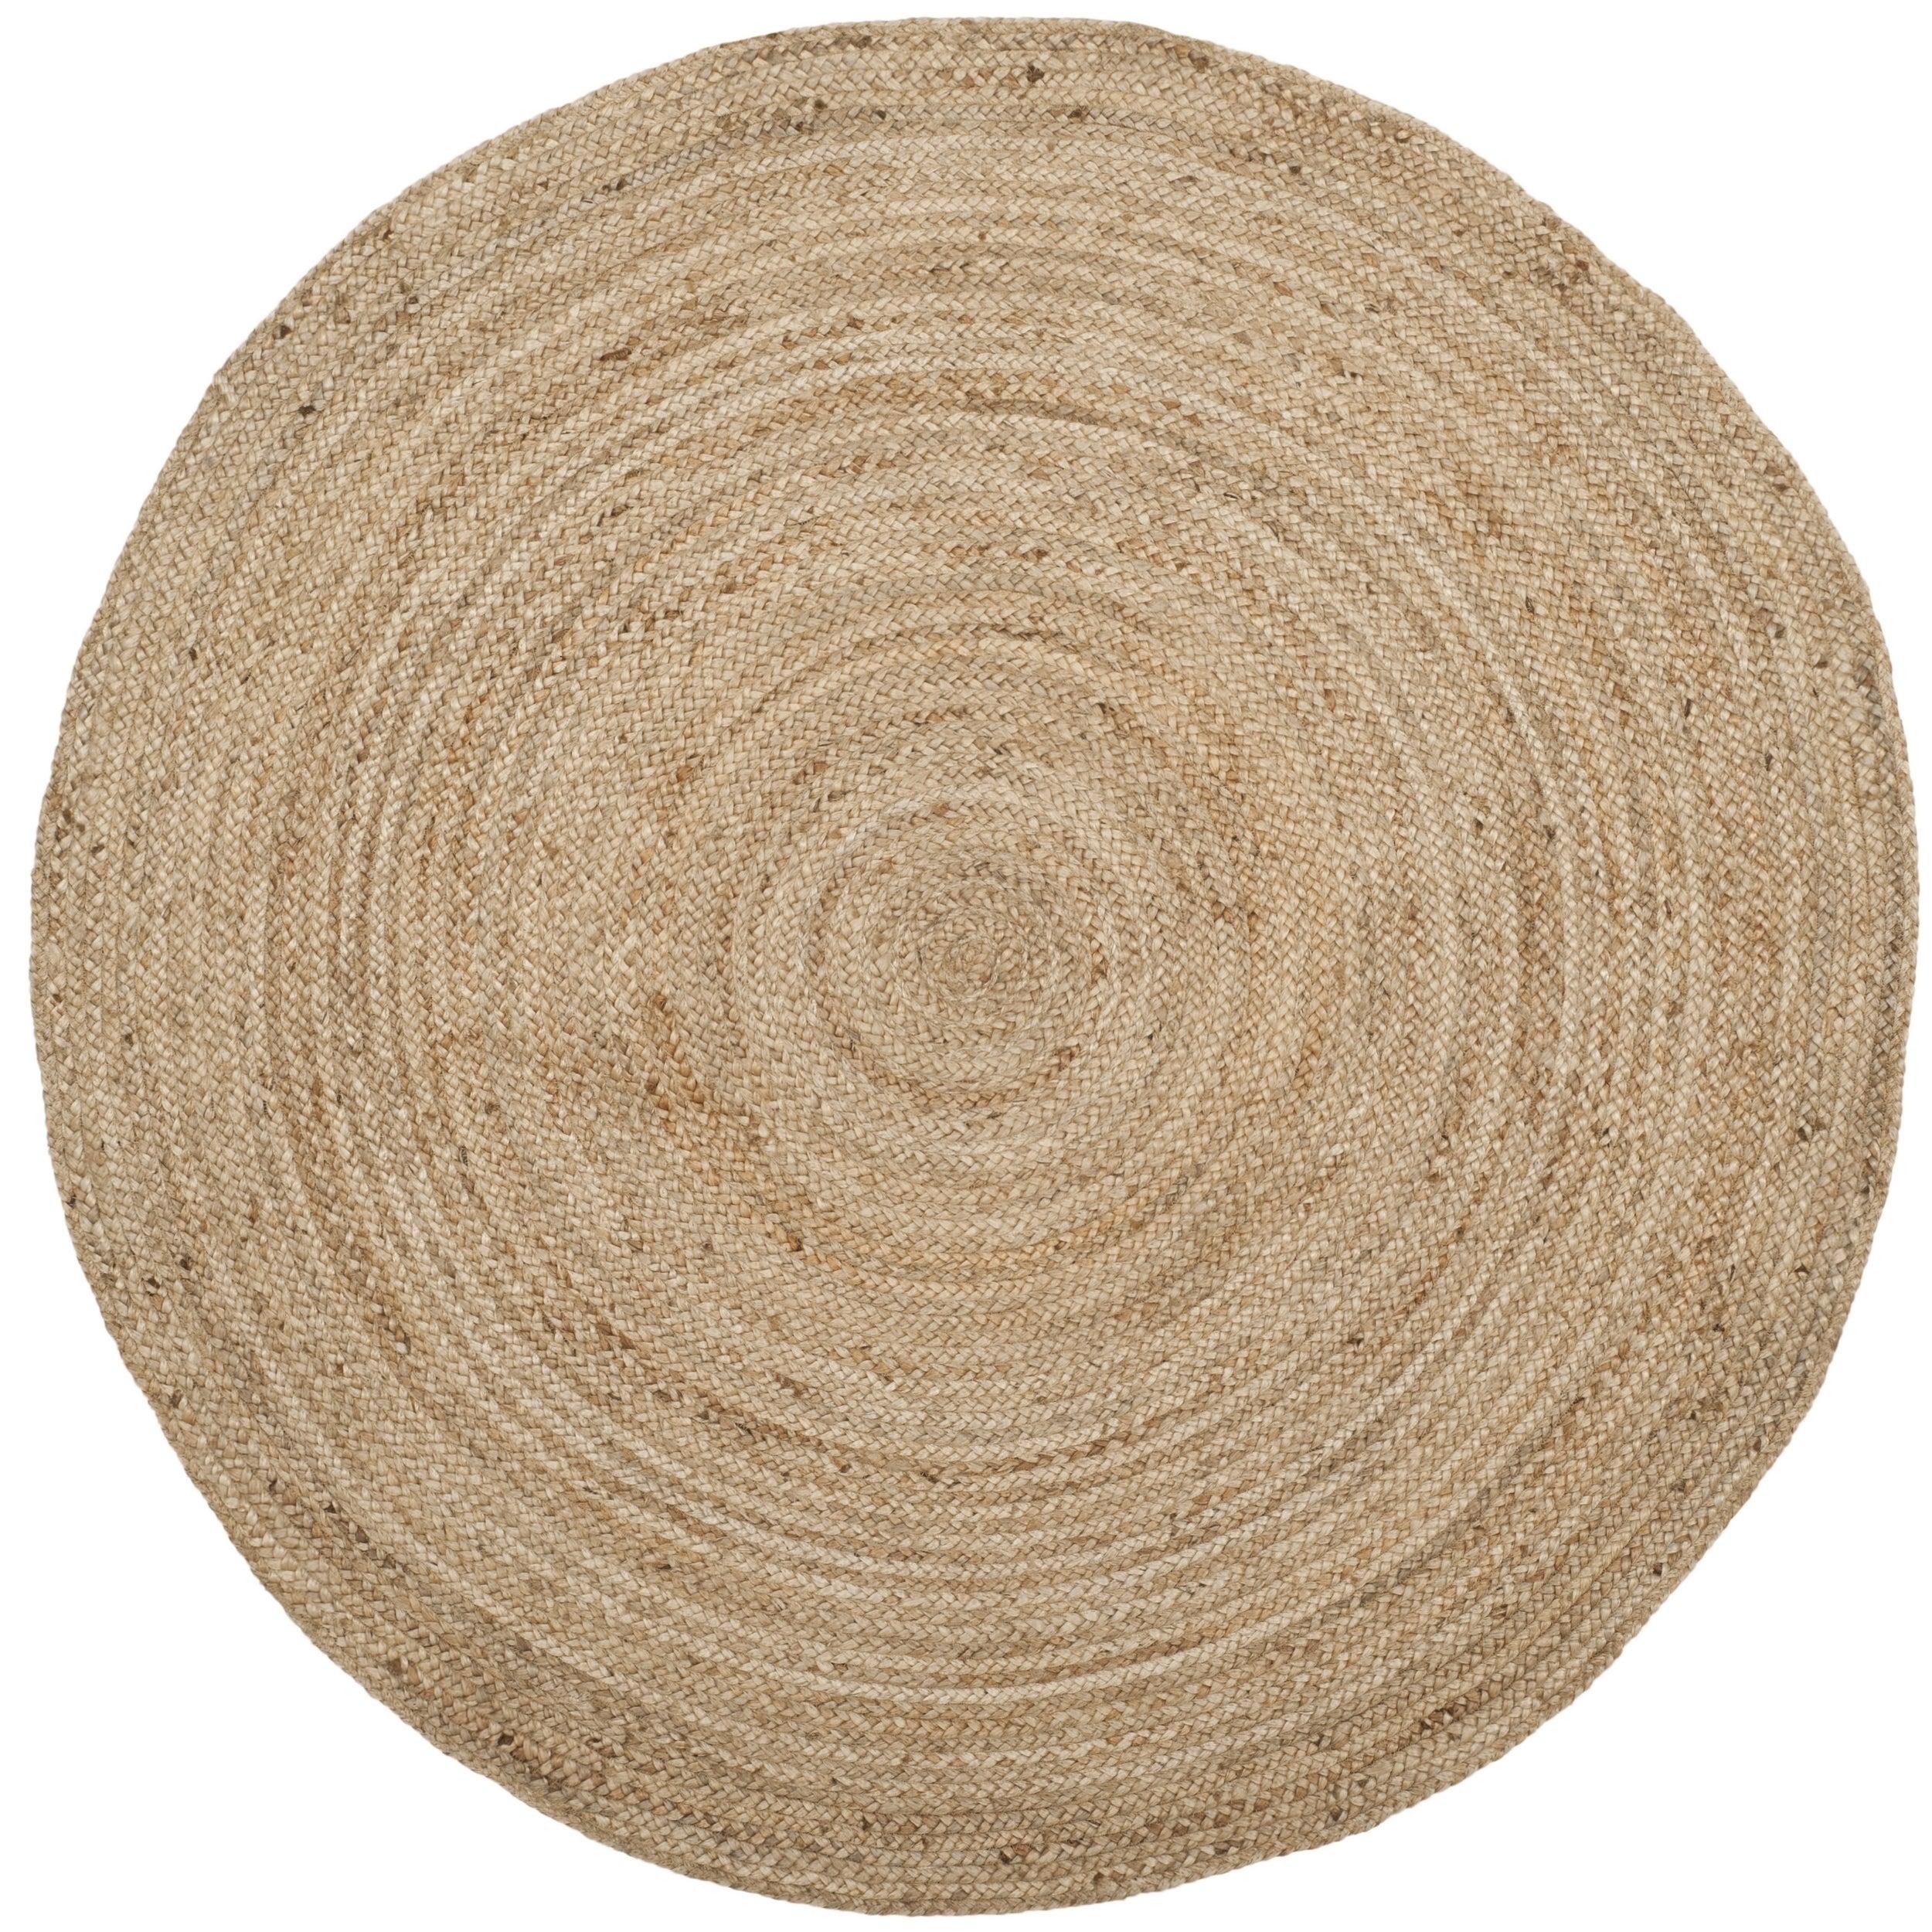 8' round safavieh jute rug